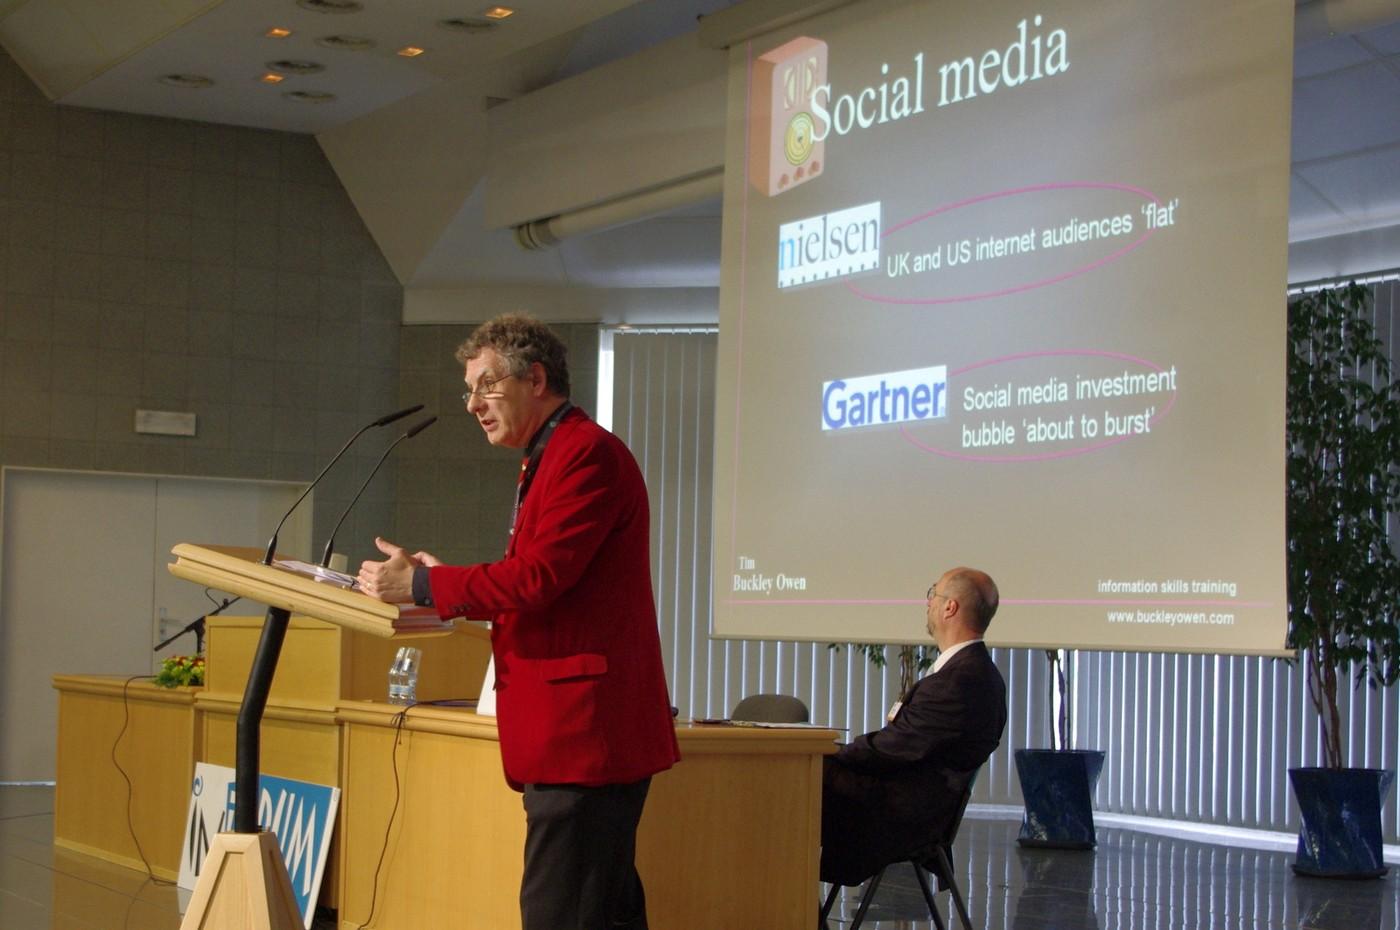 Nezávislý informační komentátor Tim Owen a sociální média